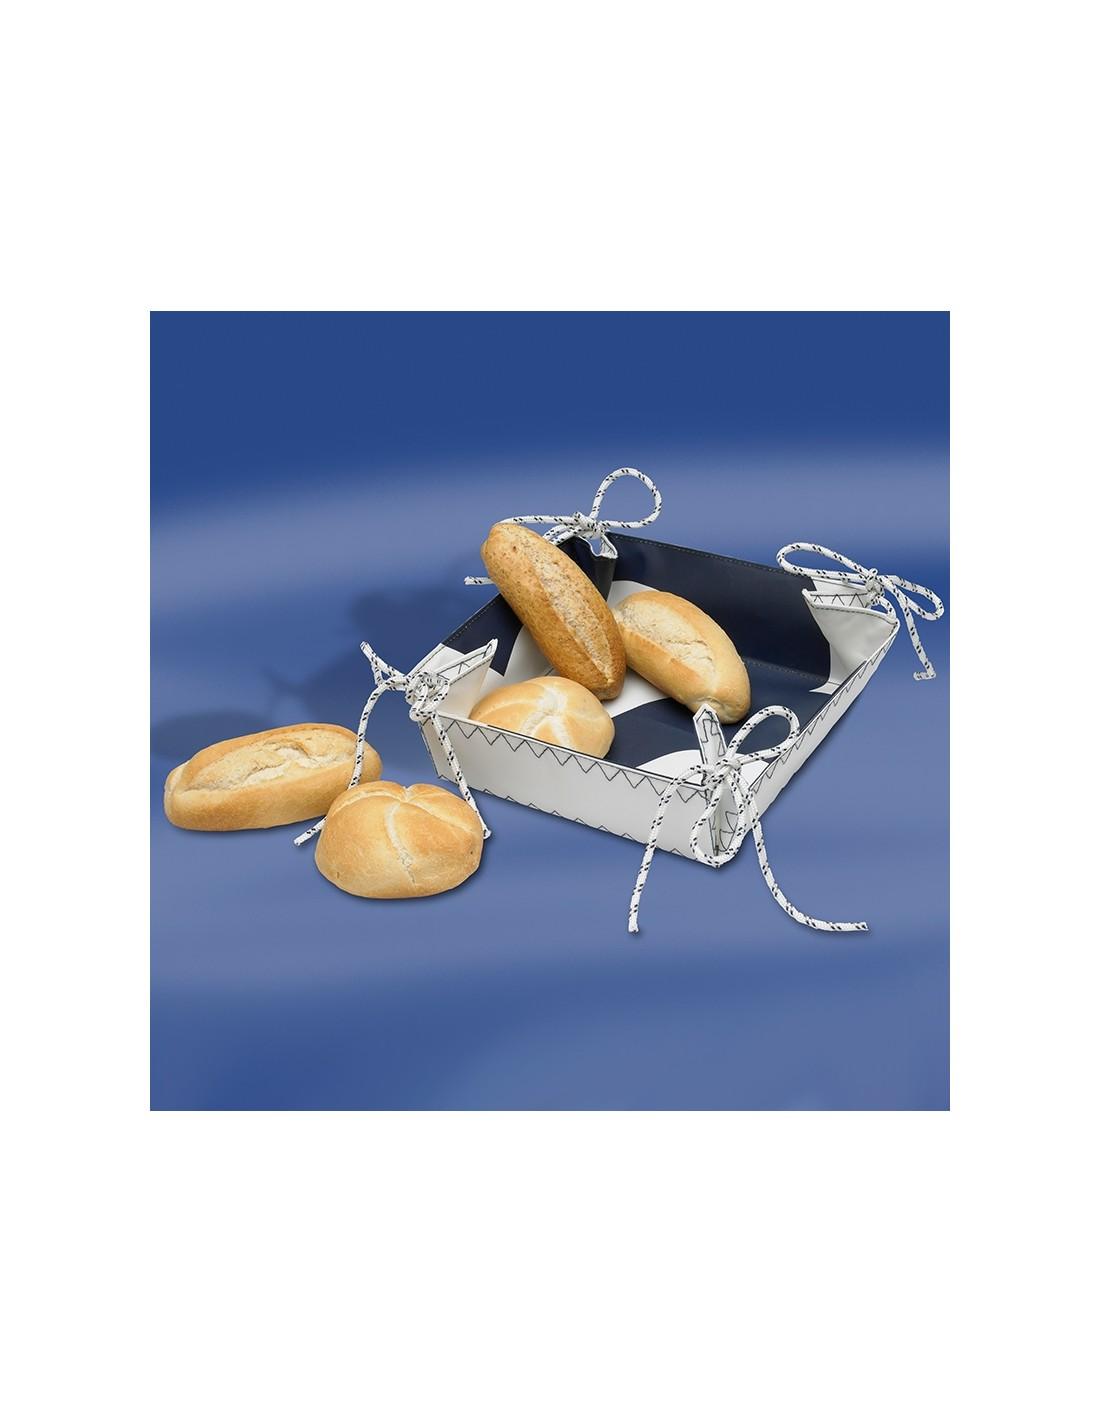 Zeildoek Broodmandje - Bread Basket - Navy - Trend Marine - Zeildoek Tassen - TM1017.1